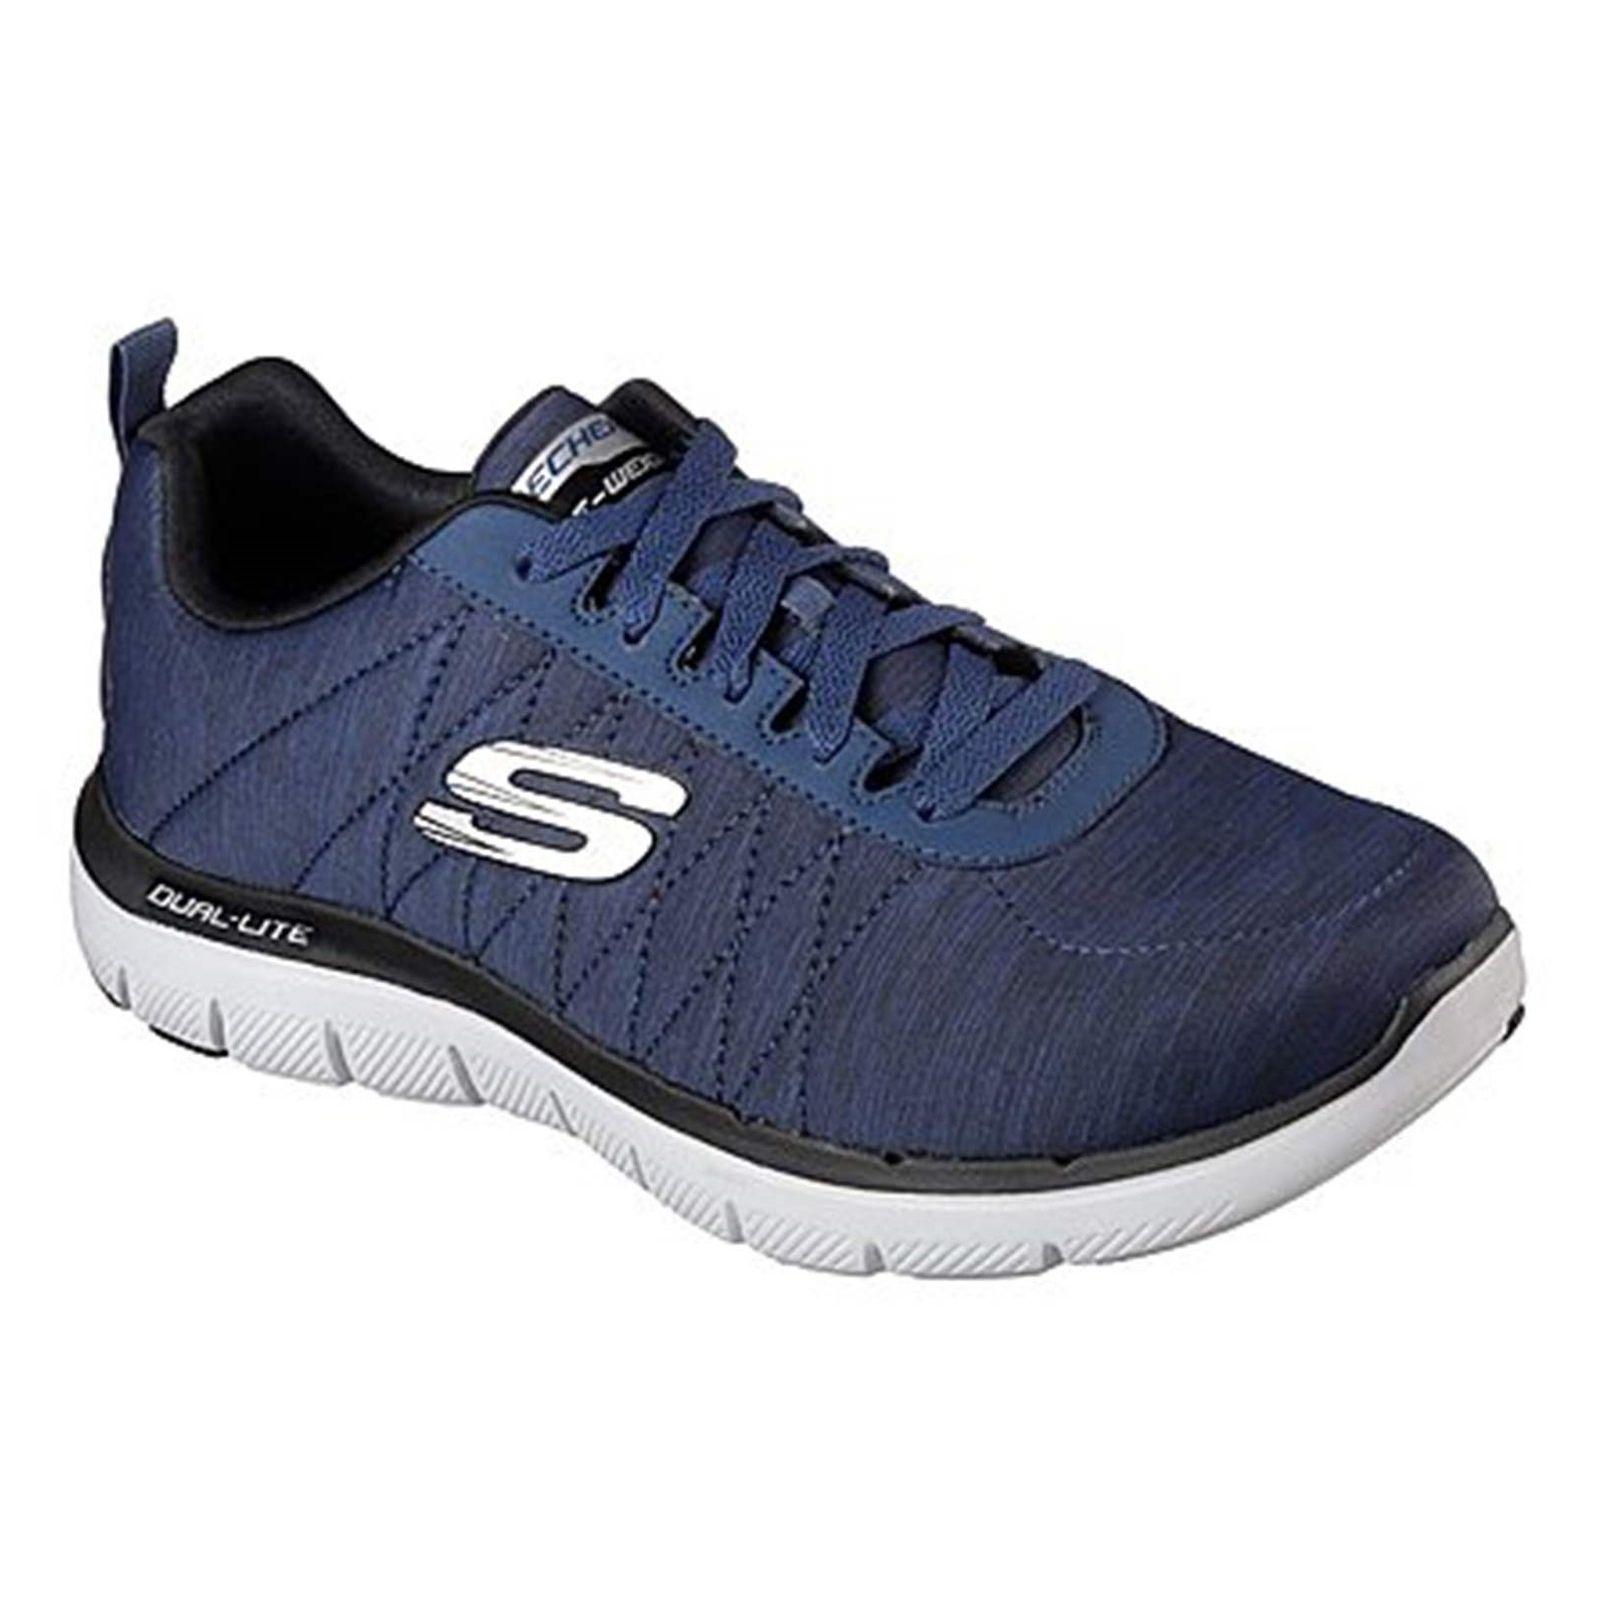 کفش تمرین بندی مردانه Flex Advantage 2-0 Chillston - اسکچرز - سرمه اي - 4